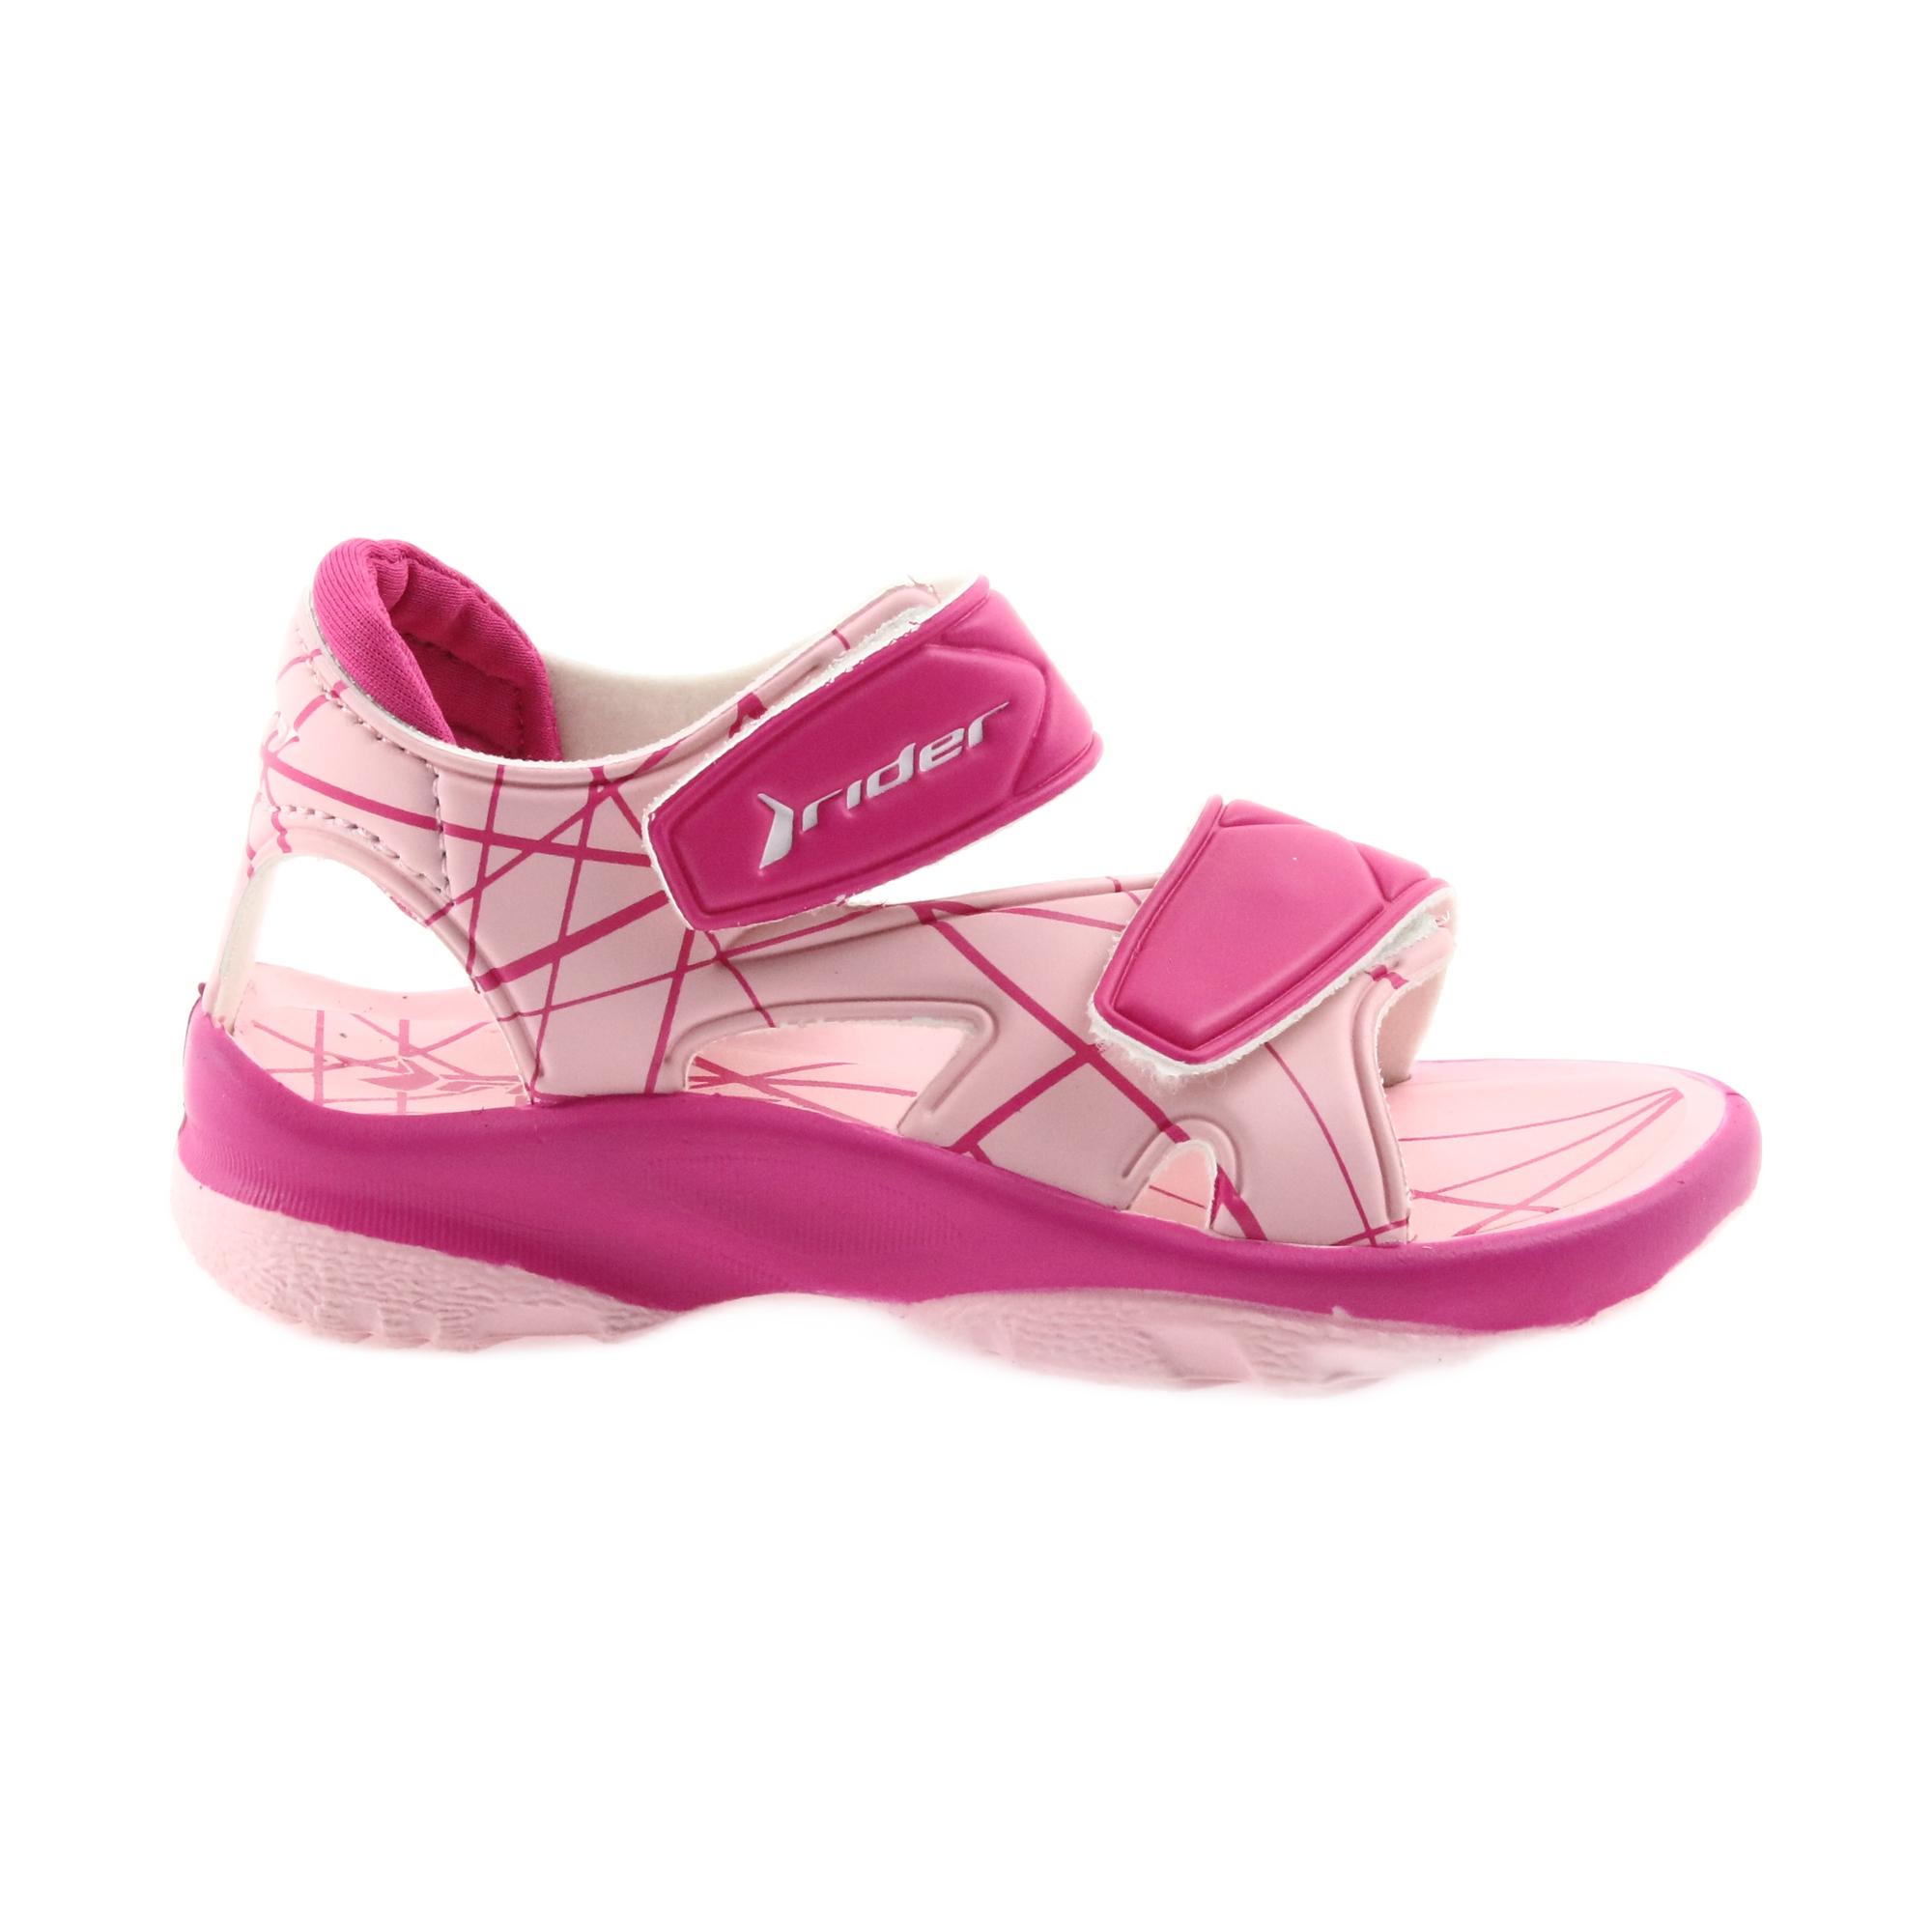 new arrival 4db9c 95336 Scarpe velcro per bambini con sandali rosa per acqua Rider 488